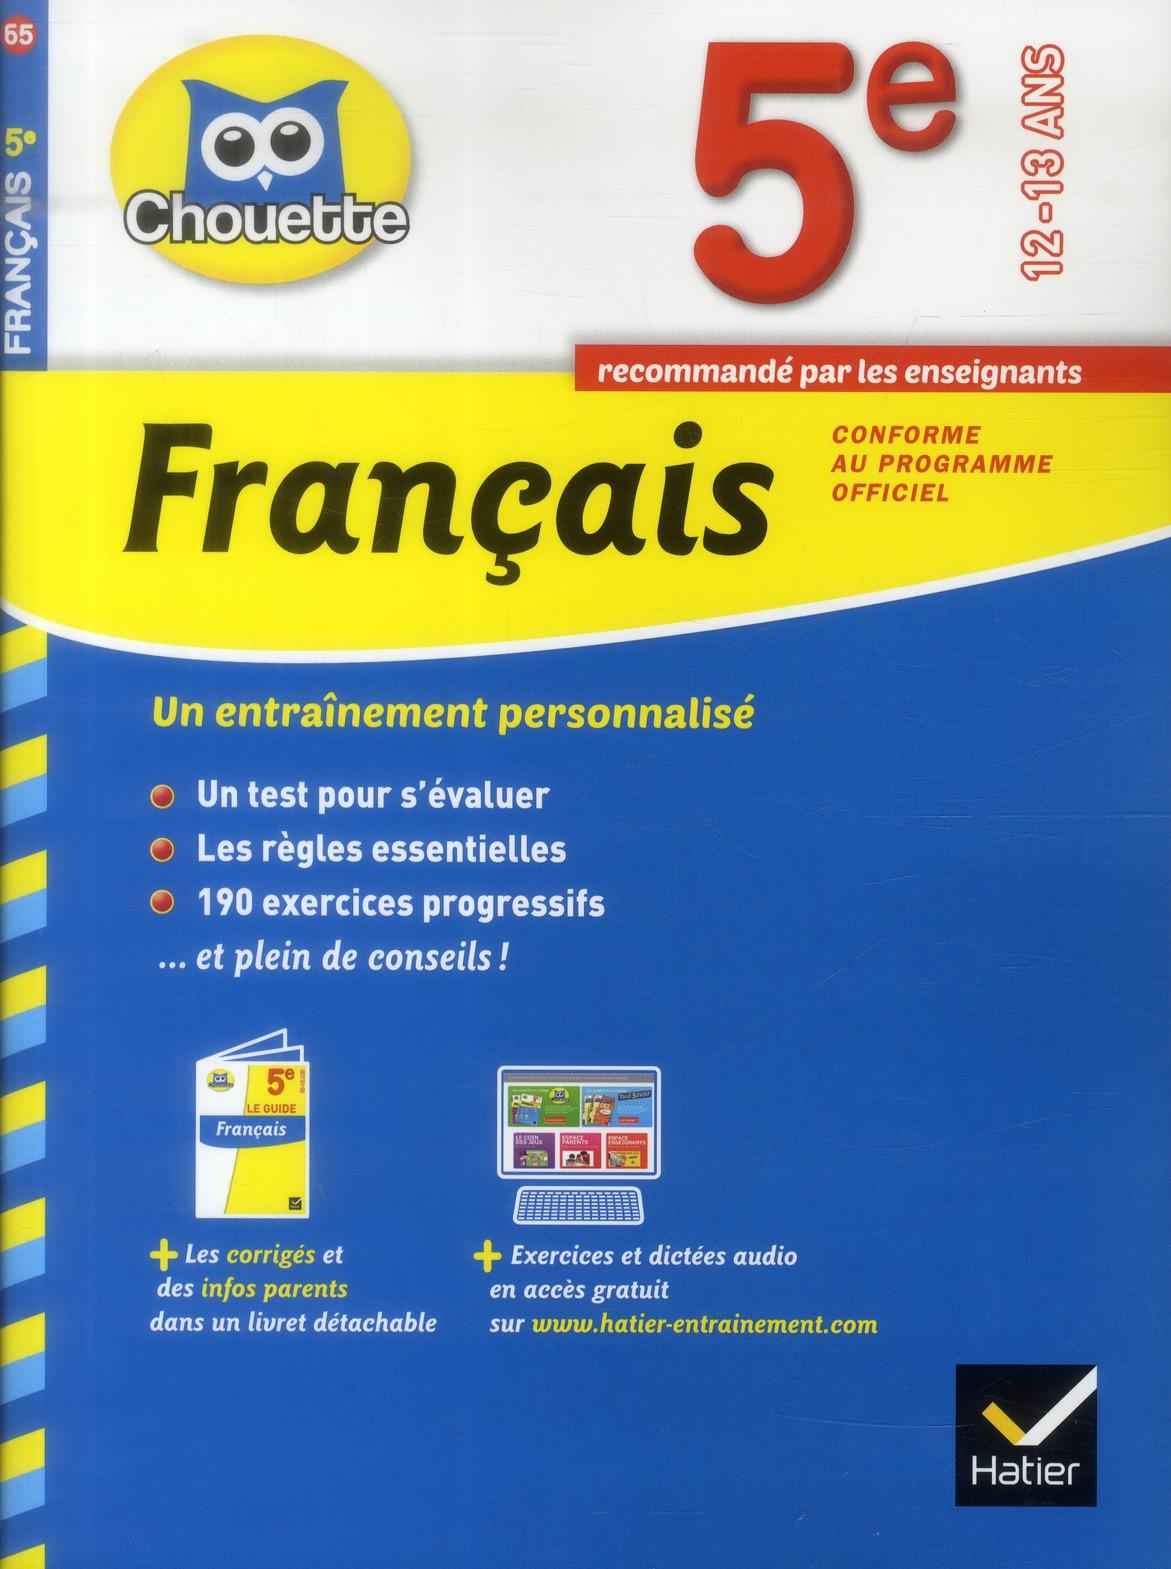 Chouette Francais 5eme Thierry Marquetty Hatier Grand Format Place Des Libraires